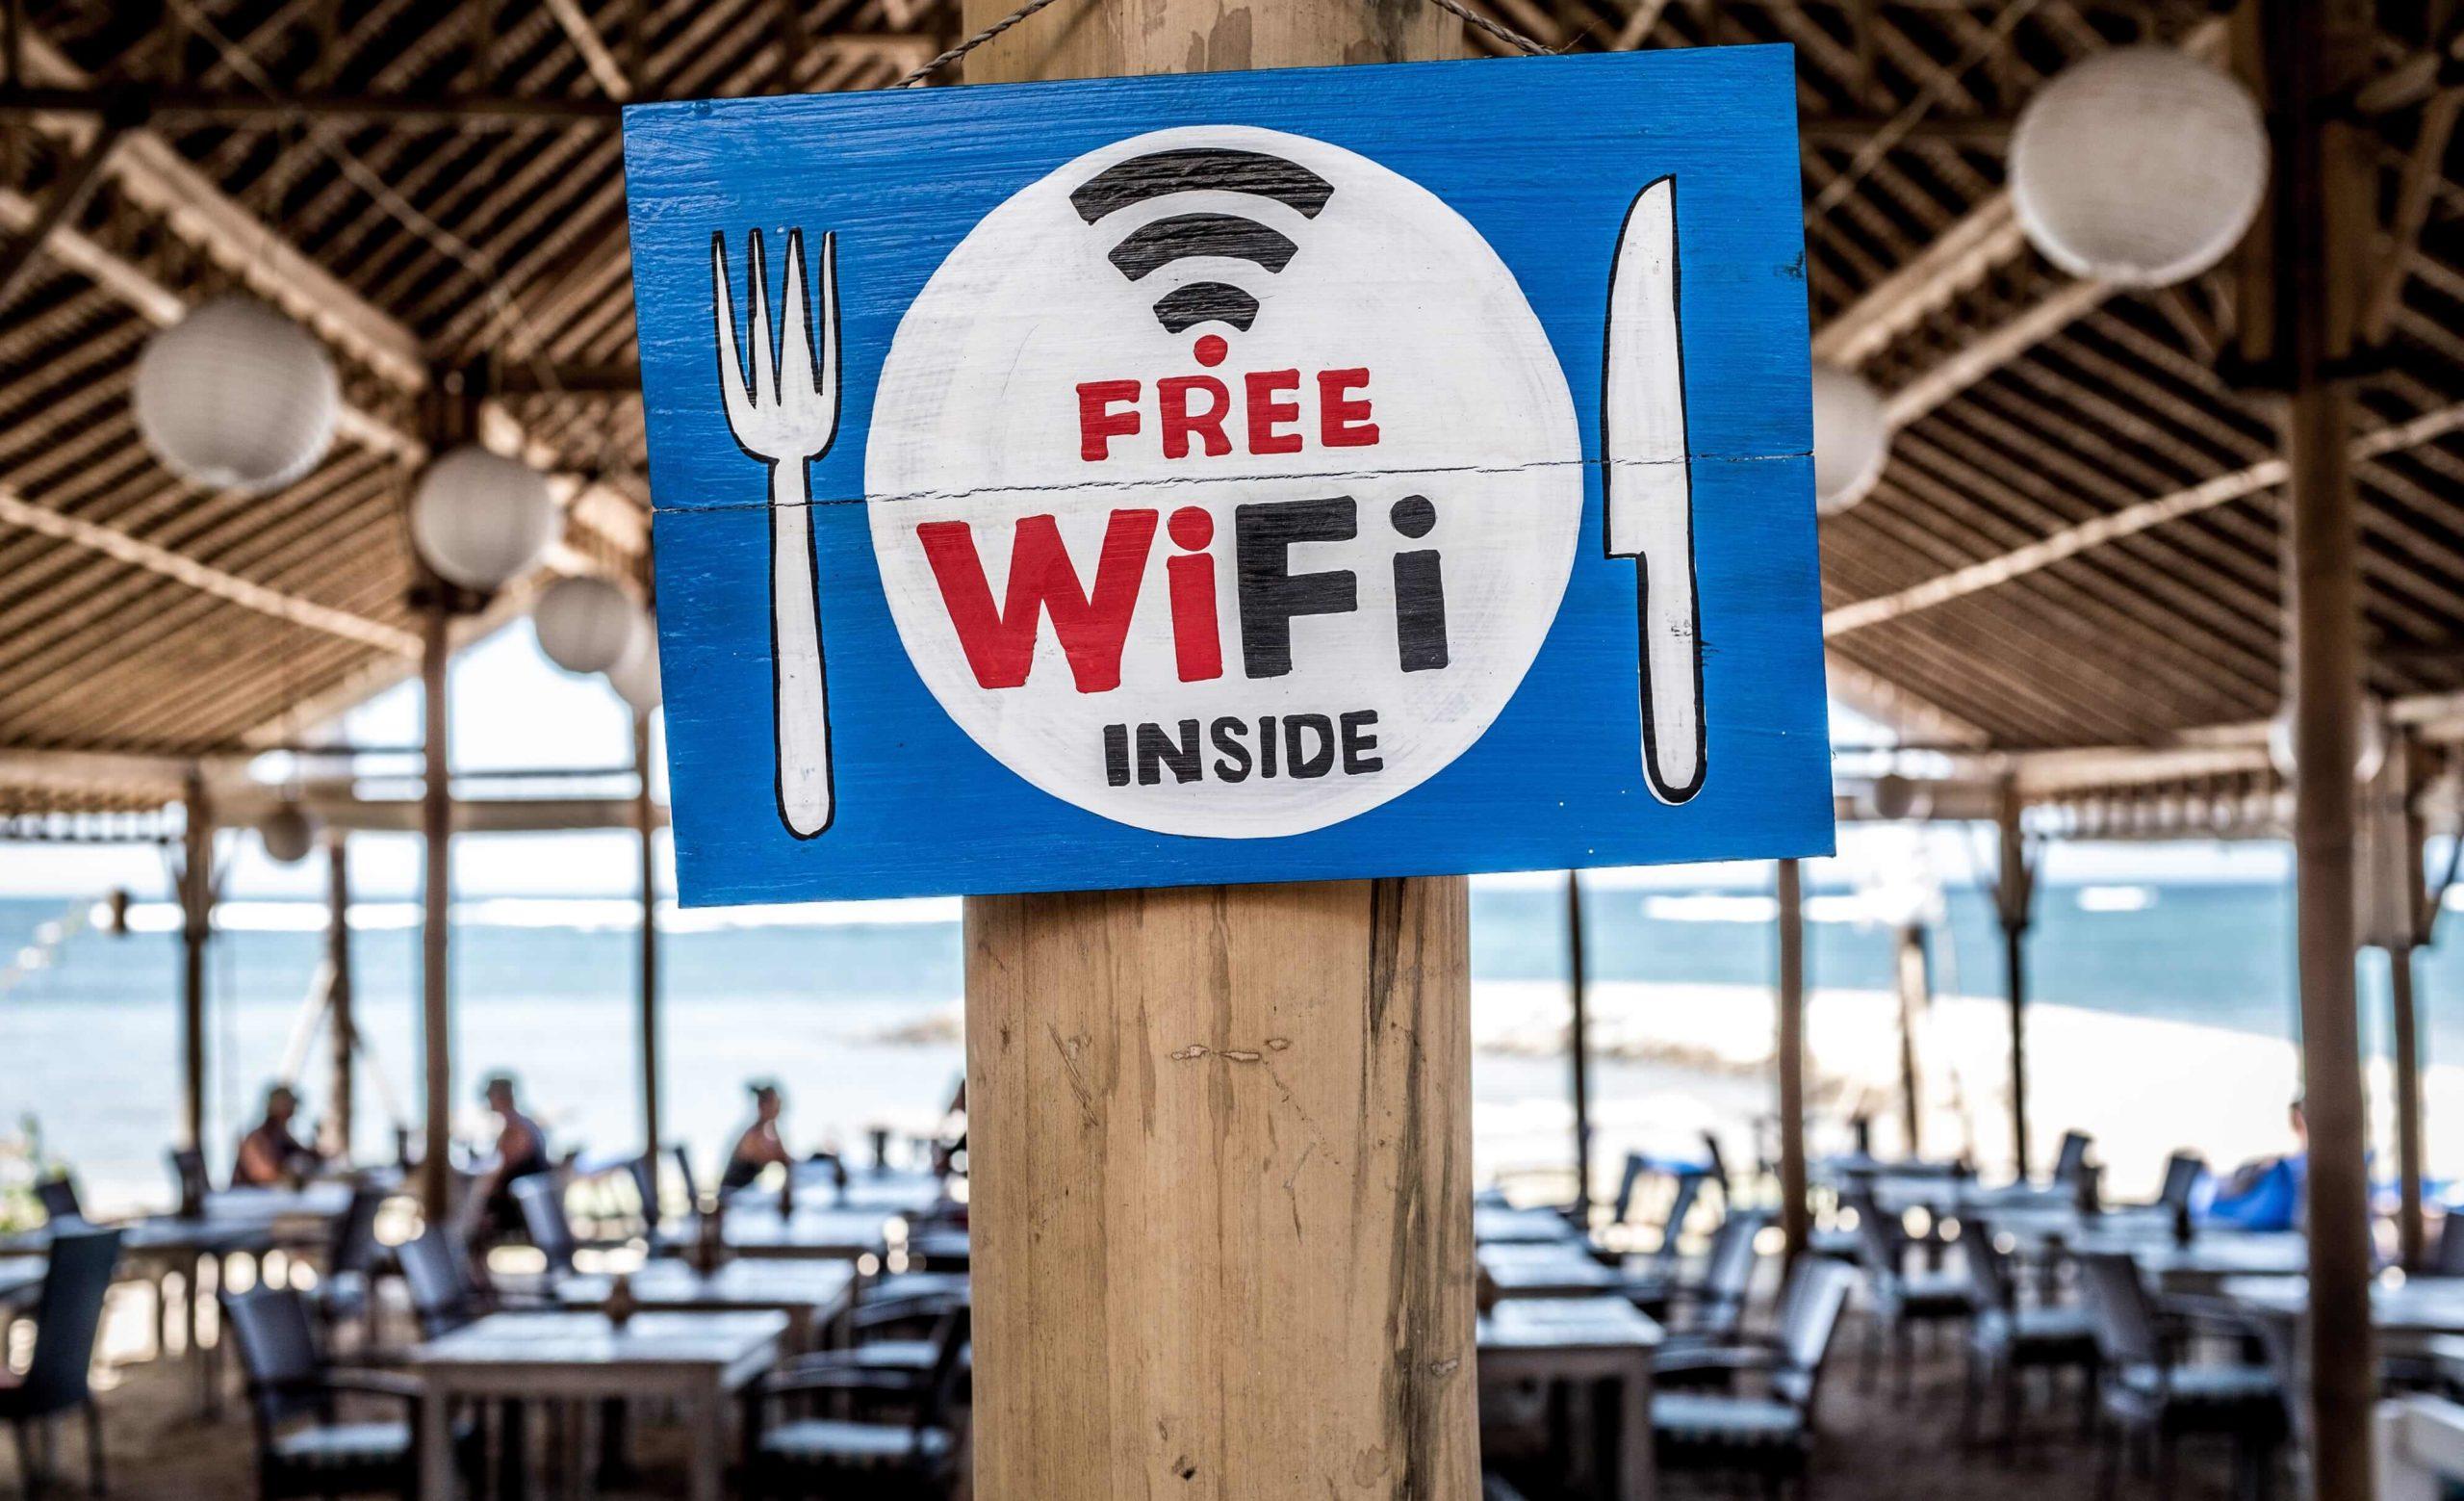 WiFi versterker voor bedrijven - Sneller internet met een WiFi versterker | De Netwerkspecialist